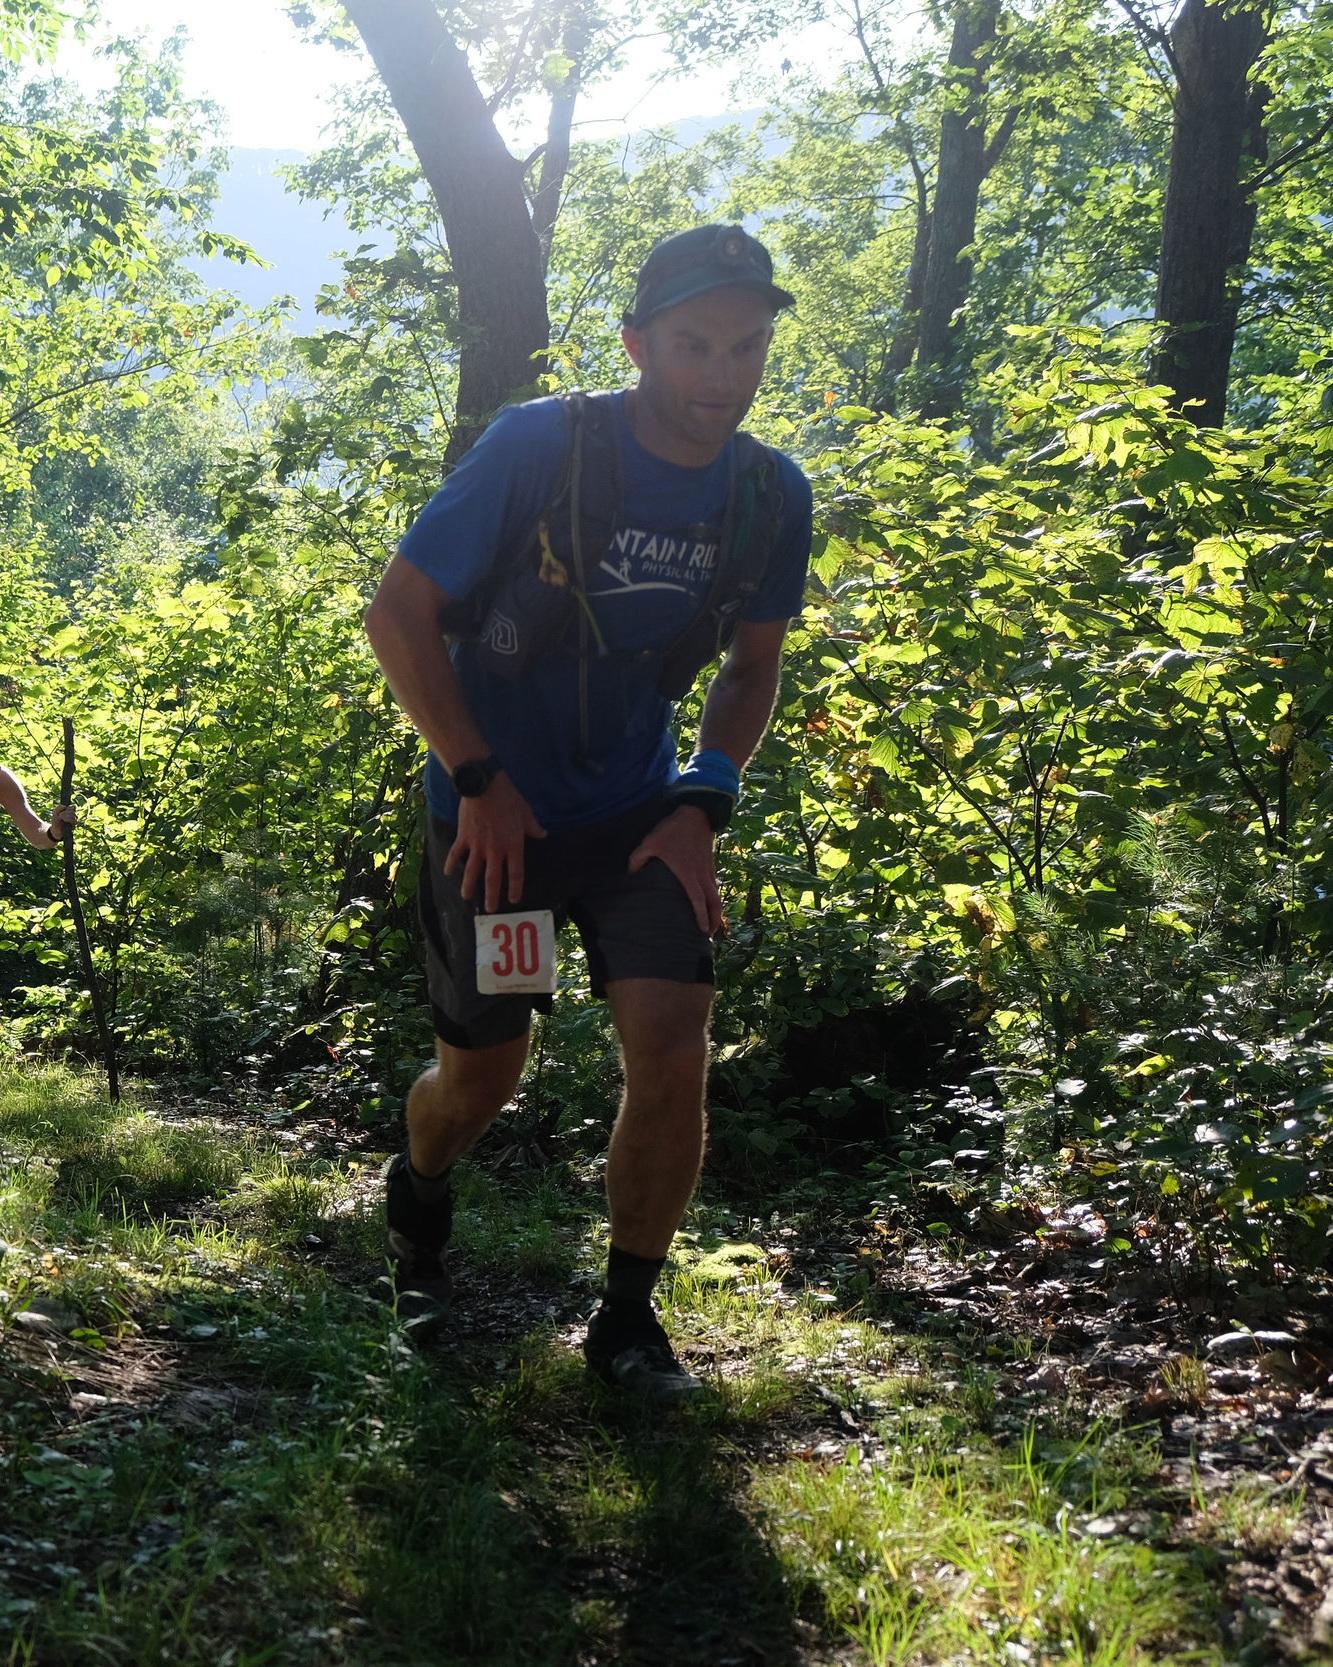 You'll notice I'm not running. Image courtesy Lugnut Media.